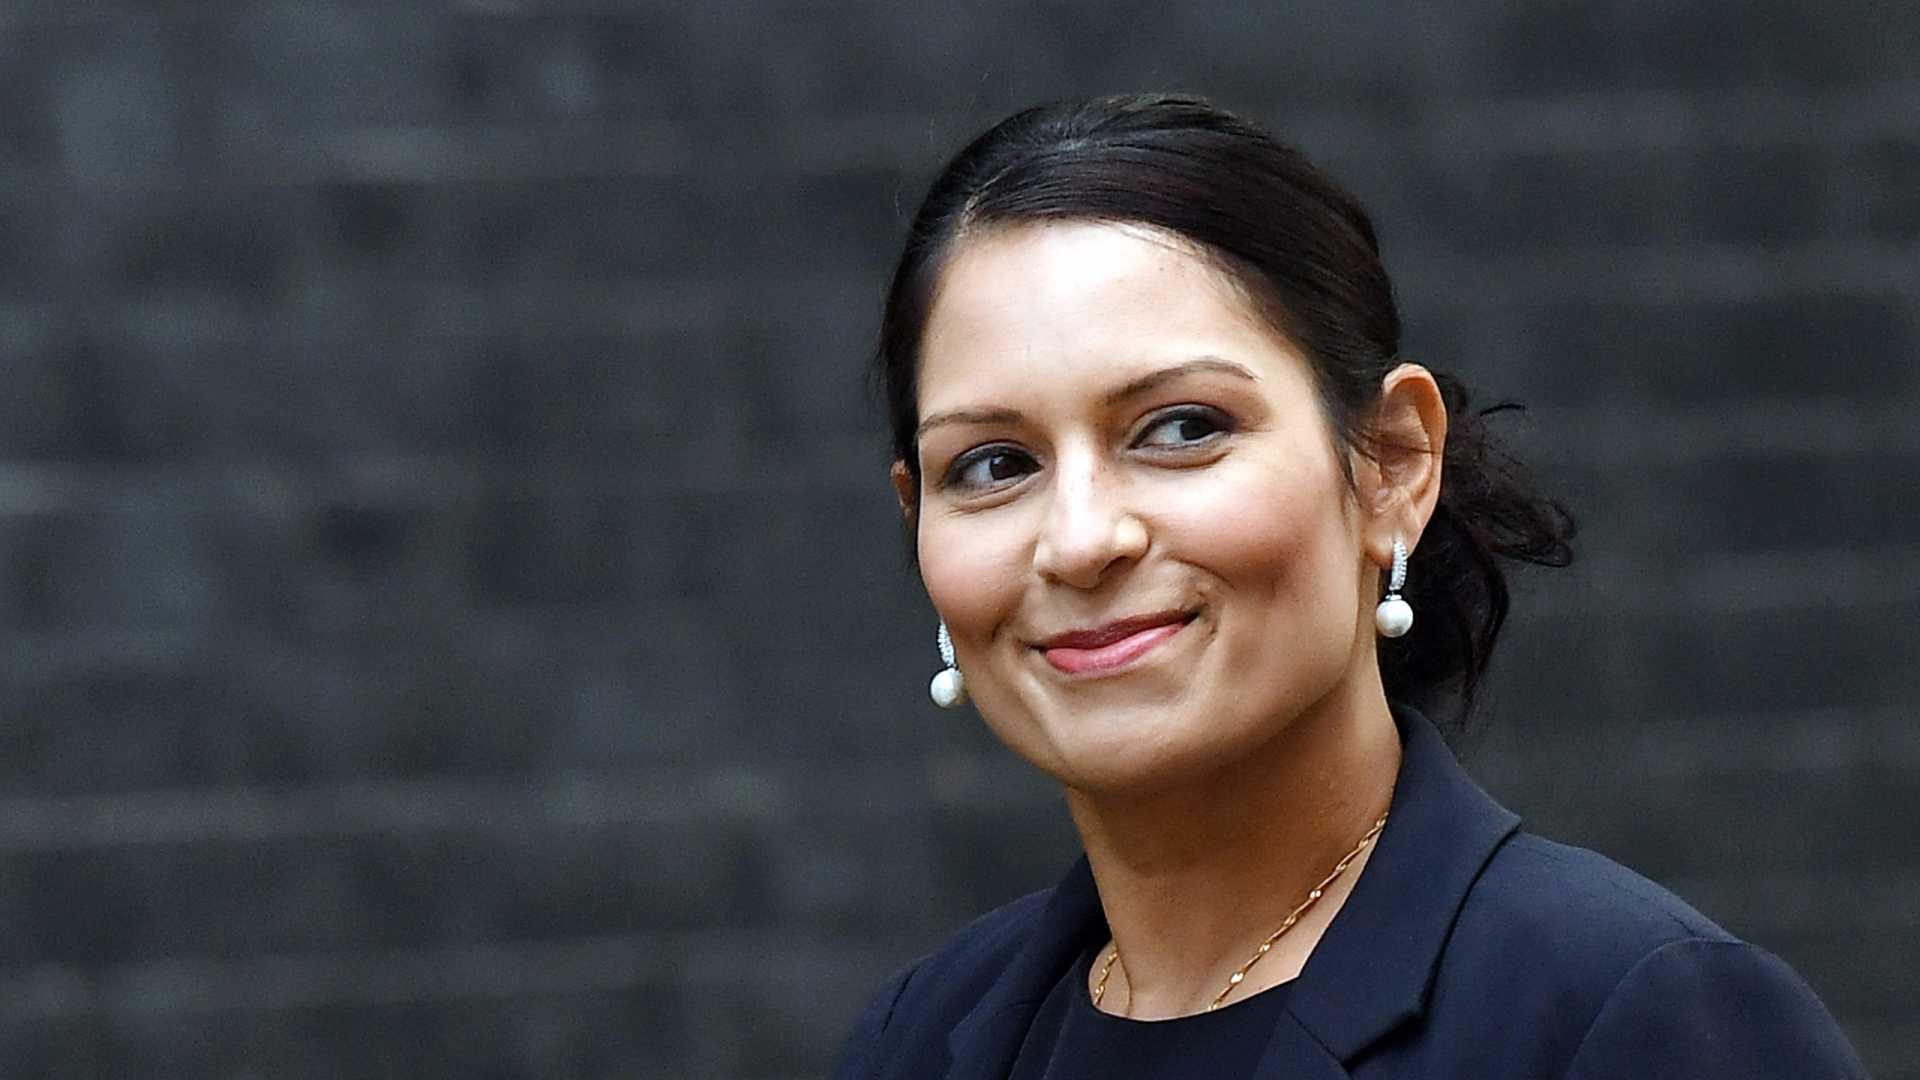 Ministra de May se demite e agrava crise no governo britânico